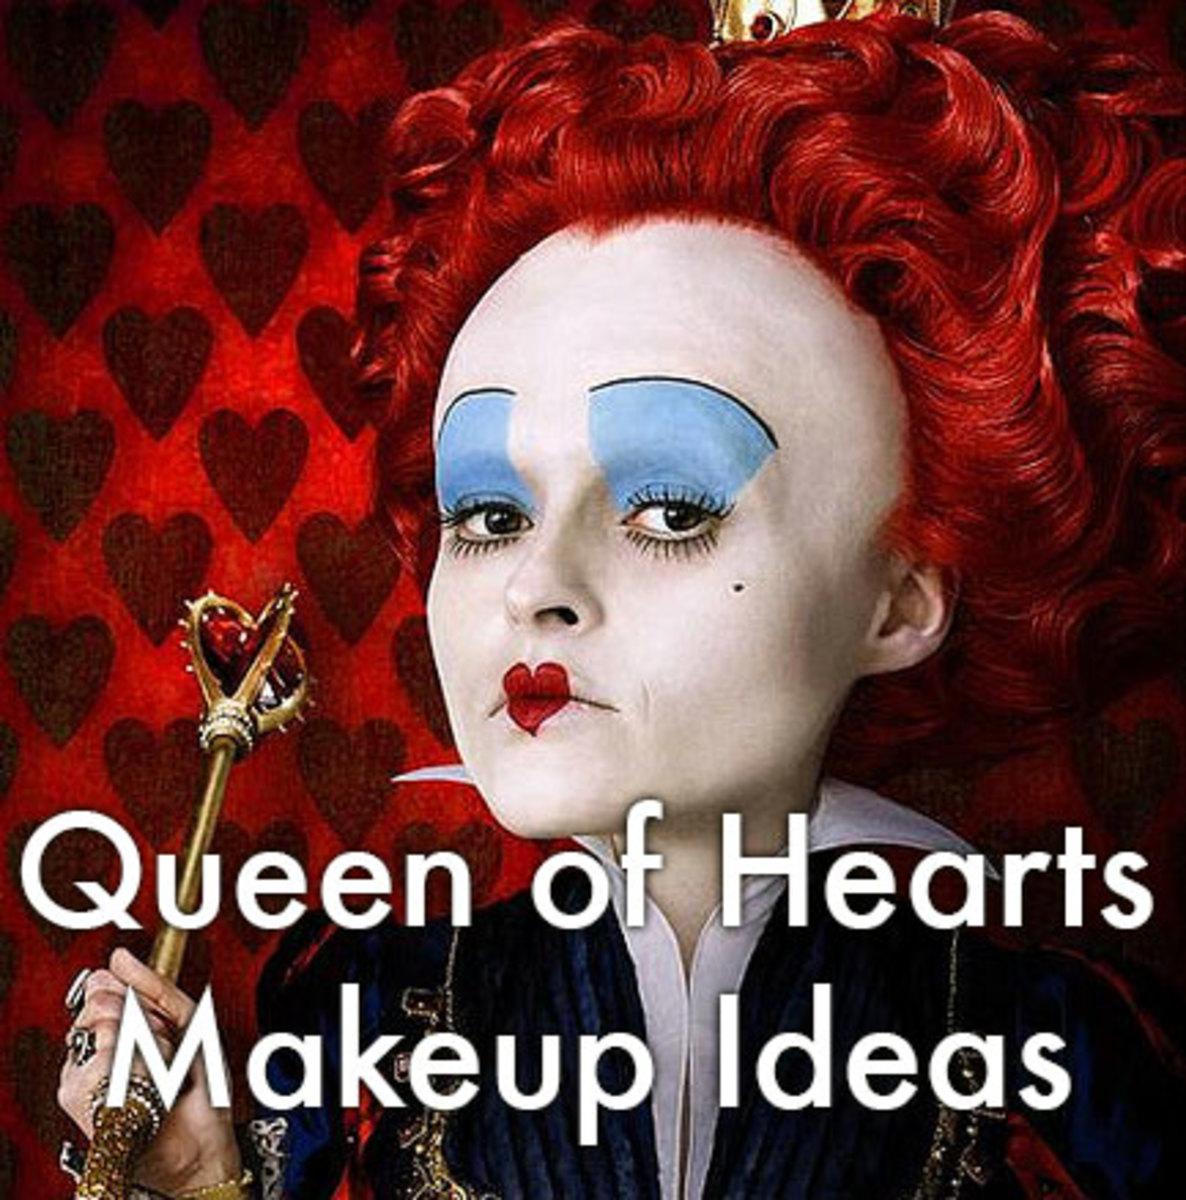 Queen of Hearts Makeup Ideas and Tutorials  Queen of Hearts...